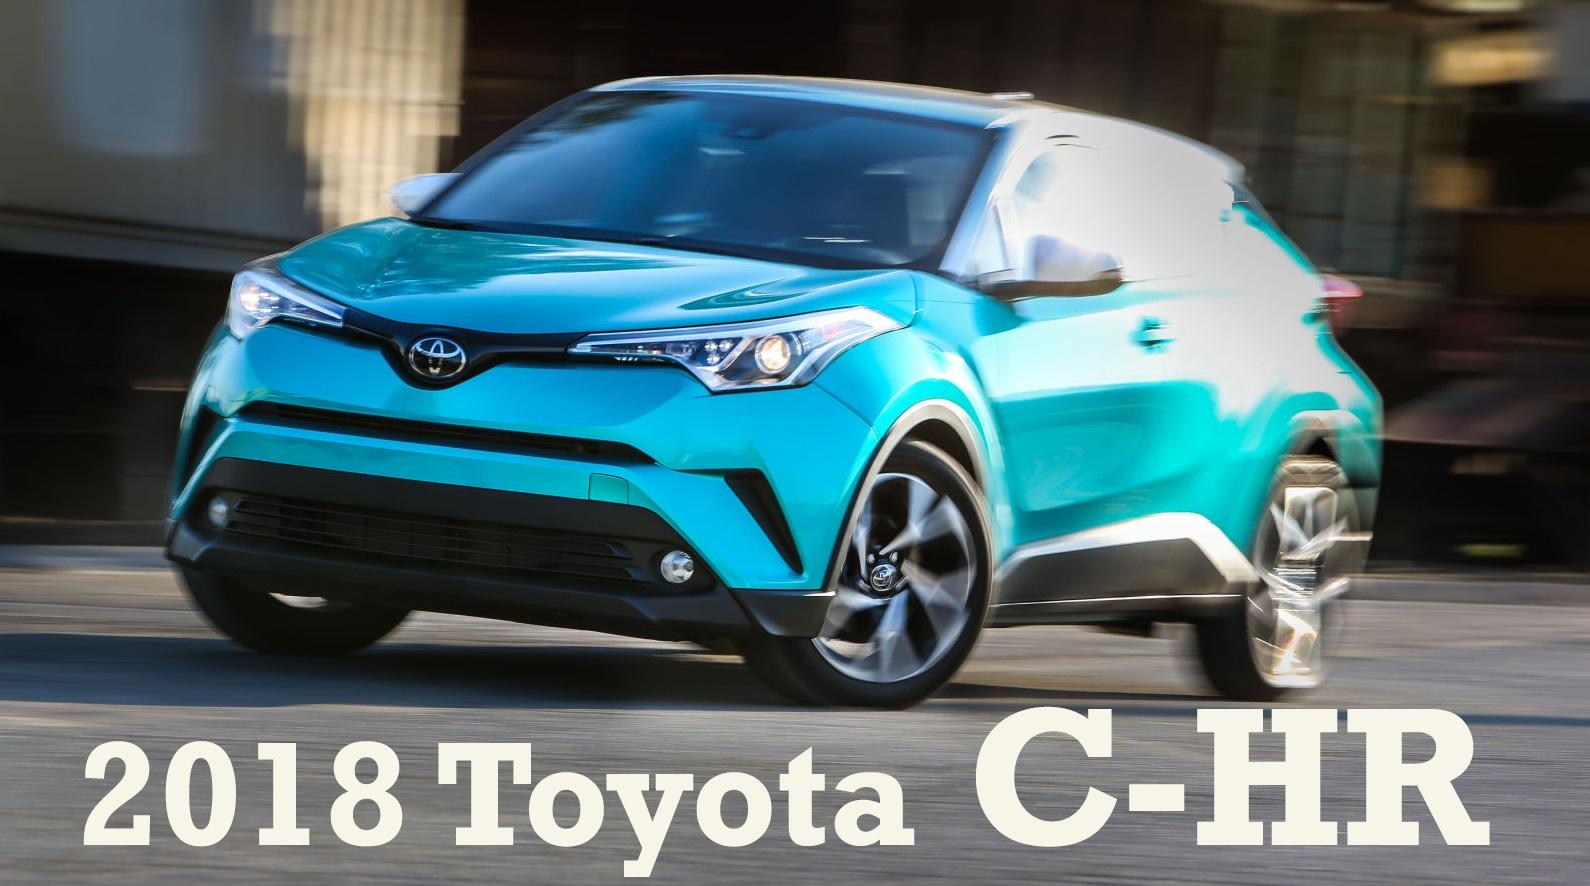 Первый обзор кроссовера 2018 Toyota C-HR, Встречают по одежке